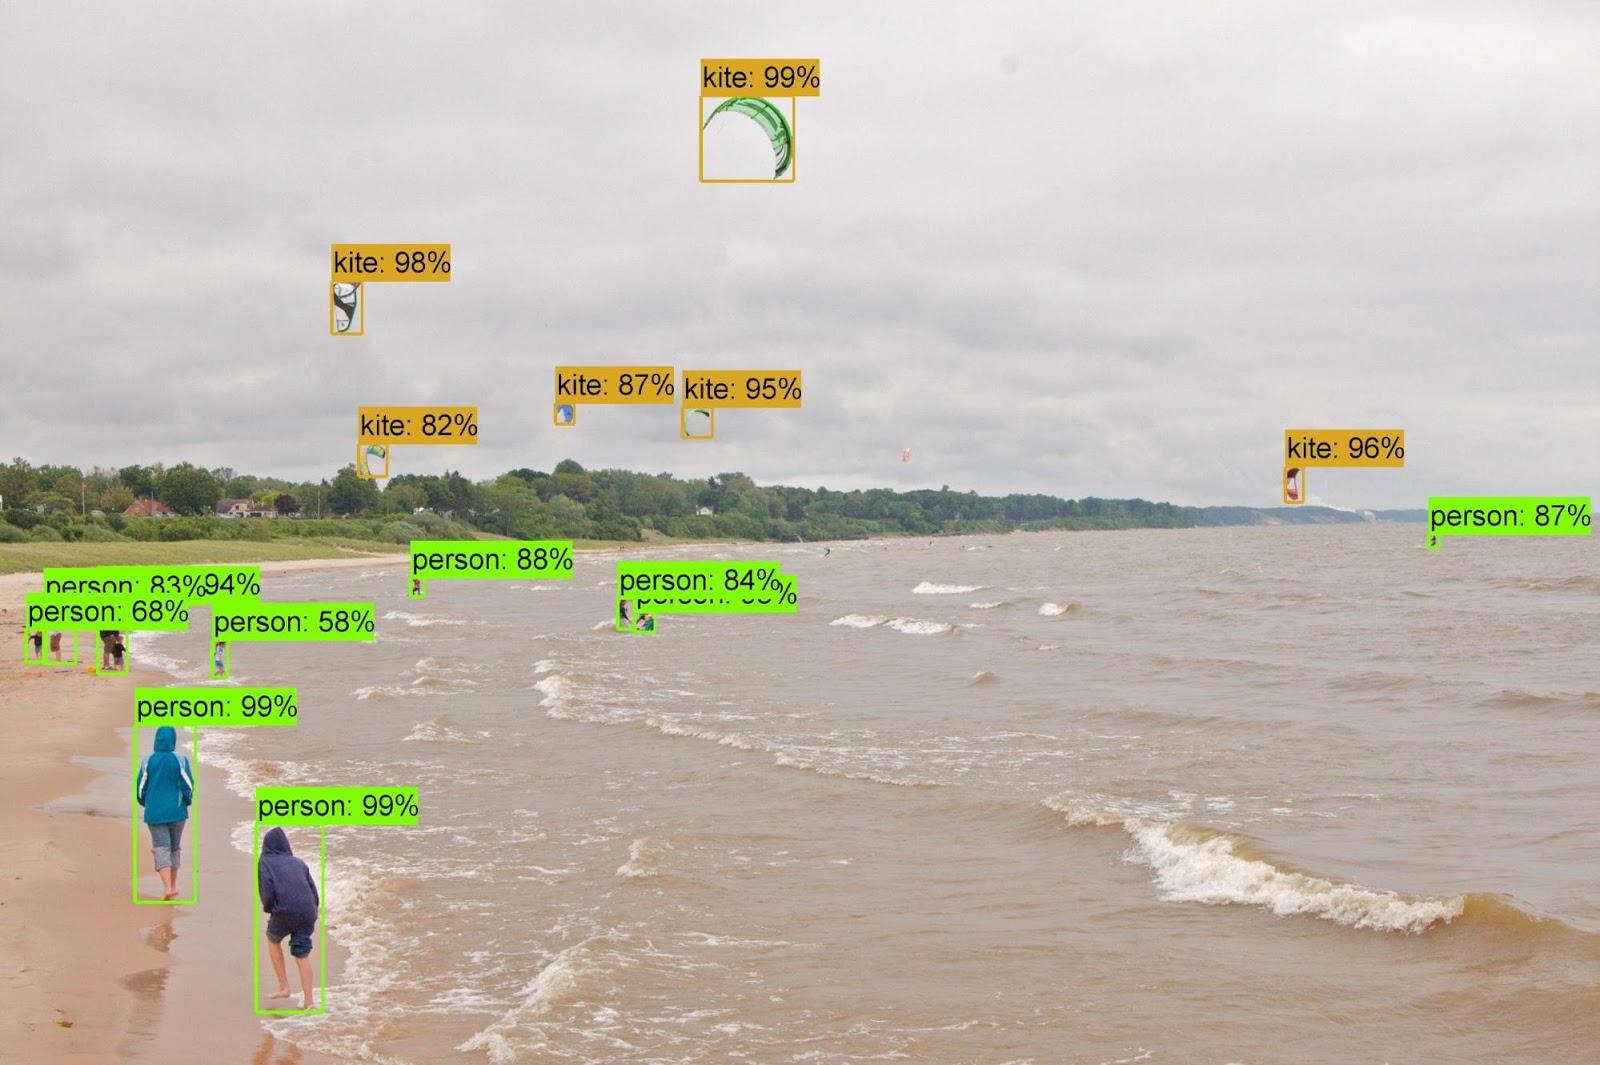 AutoML für die Klassifizierung von Bildern und Objekterkennung ...